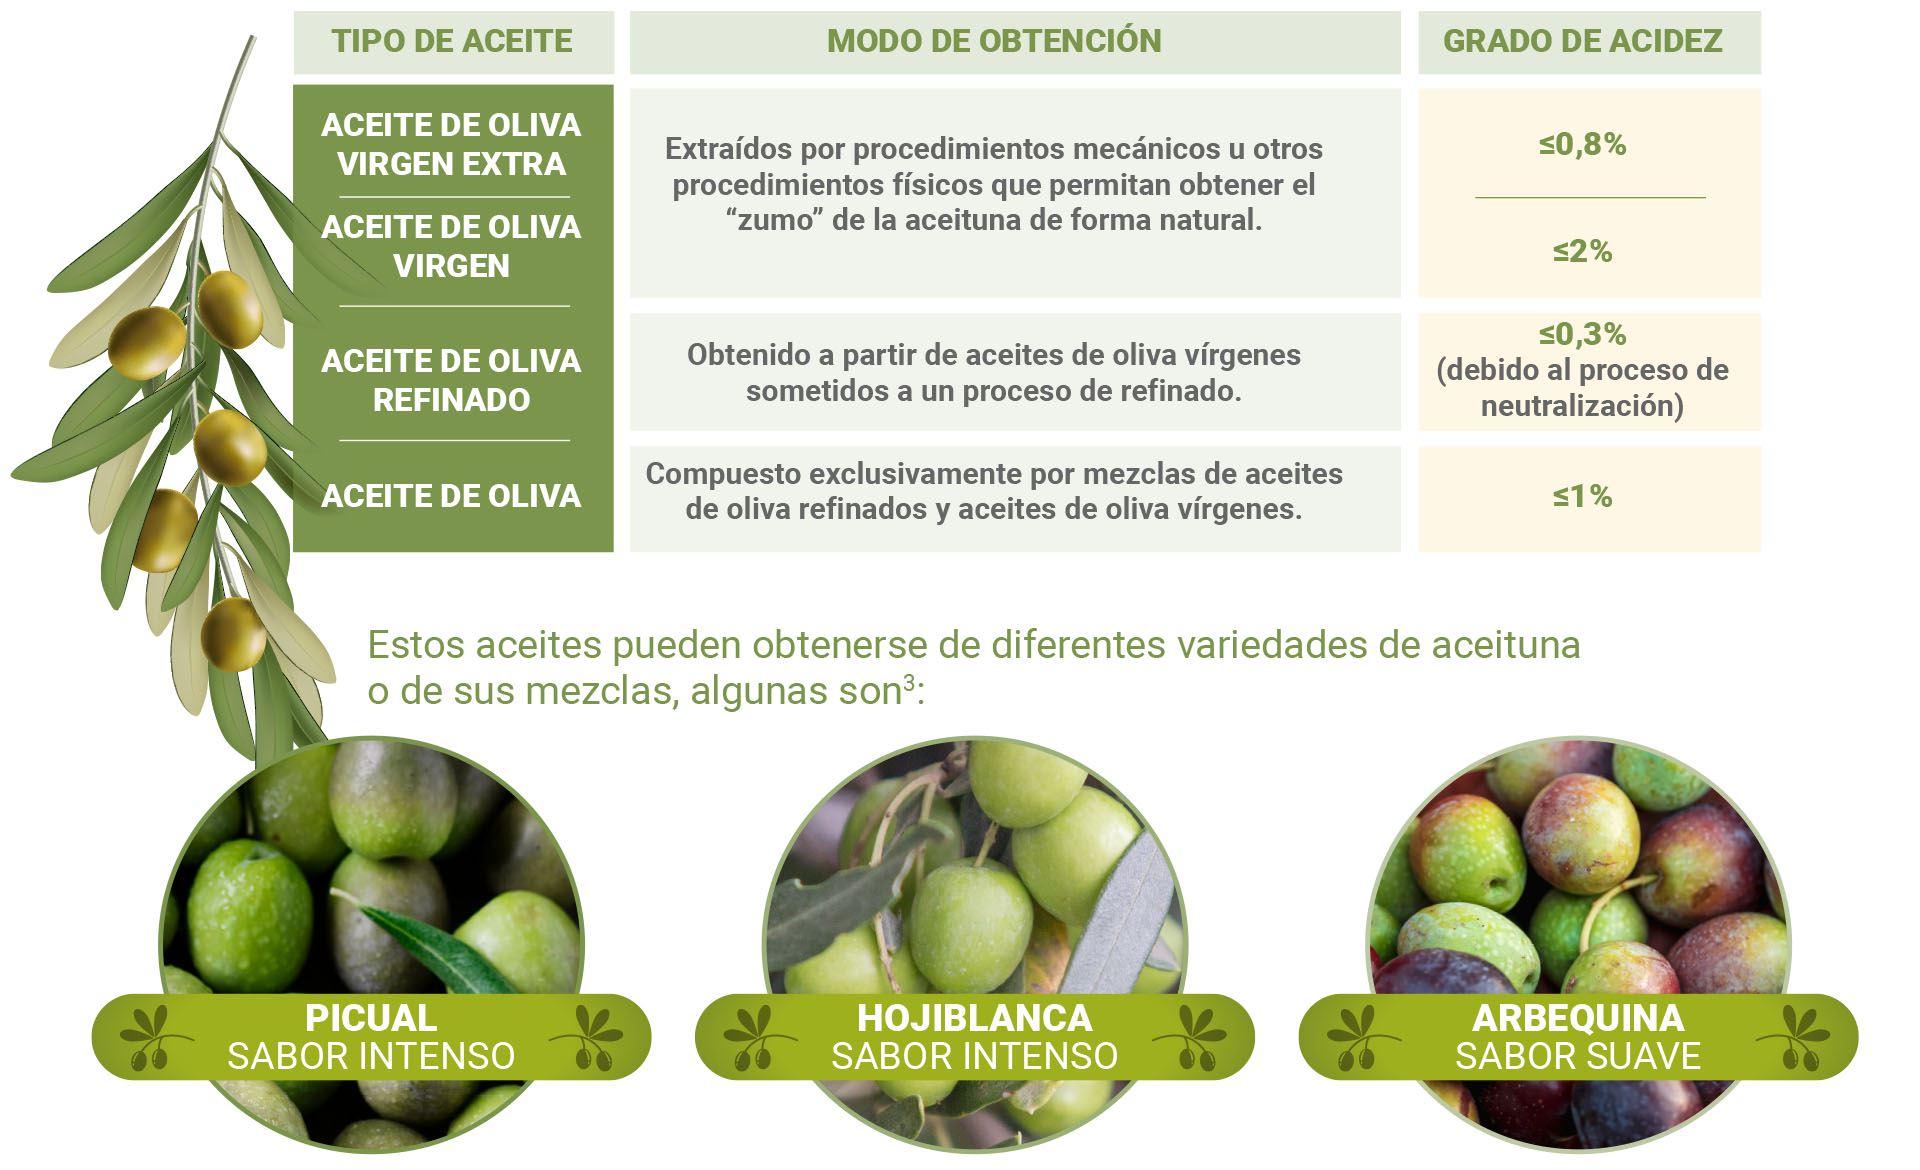 thumbnail 1 - Diferencias entre el aceite de oliva virgen y virgen extra